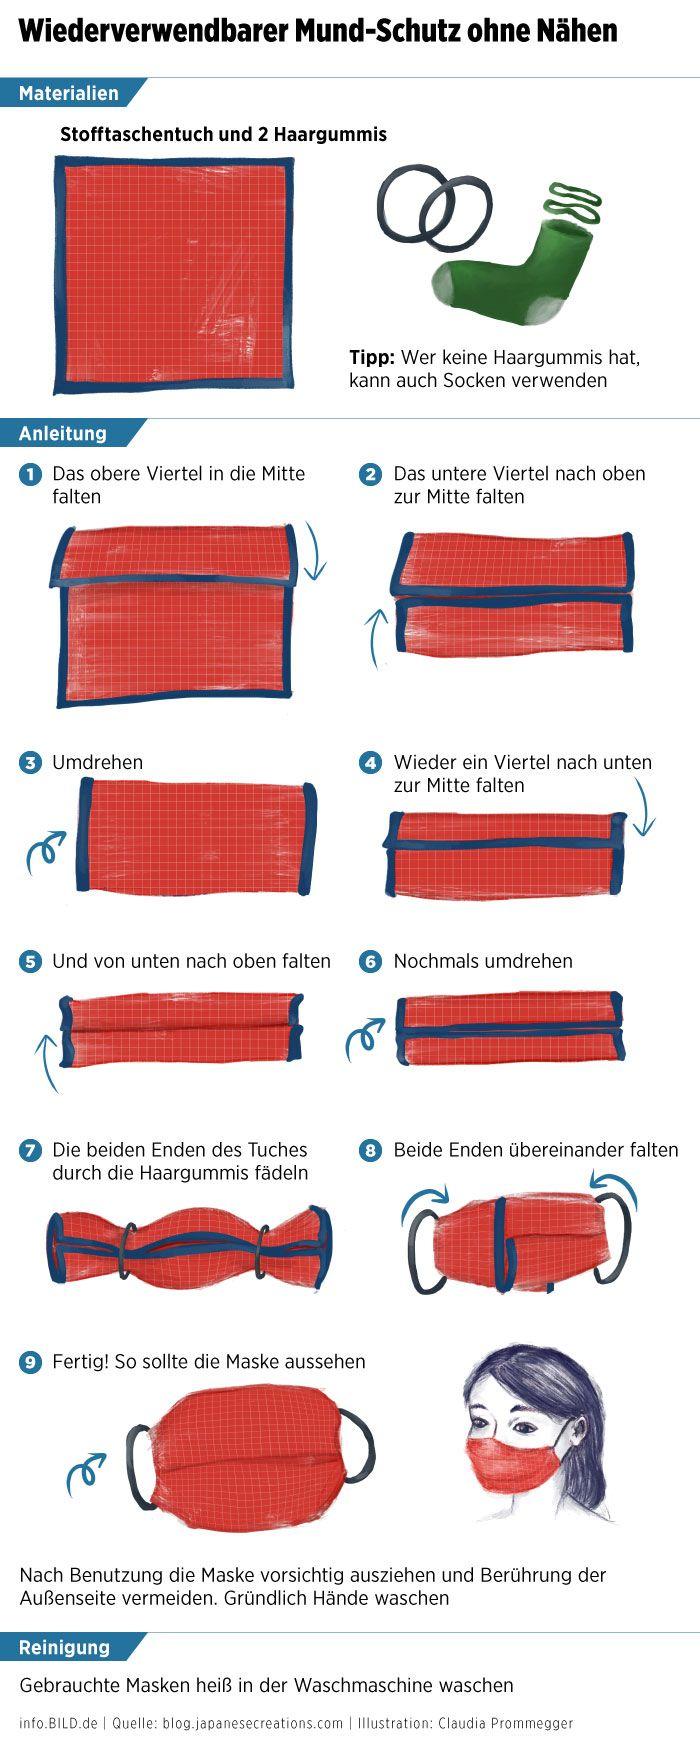 Mundschutz ohne Nähen: Corona-Schutzmaske selber basteln – Anleitung